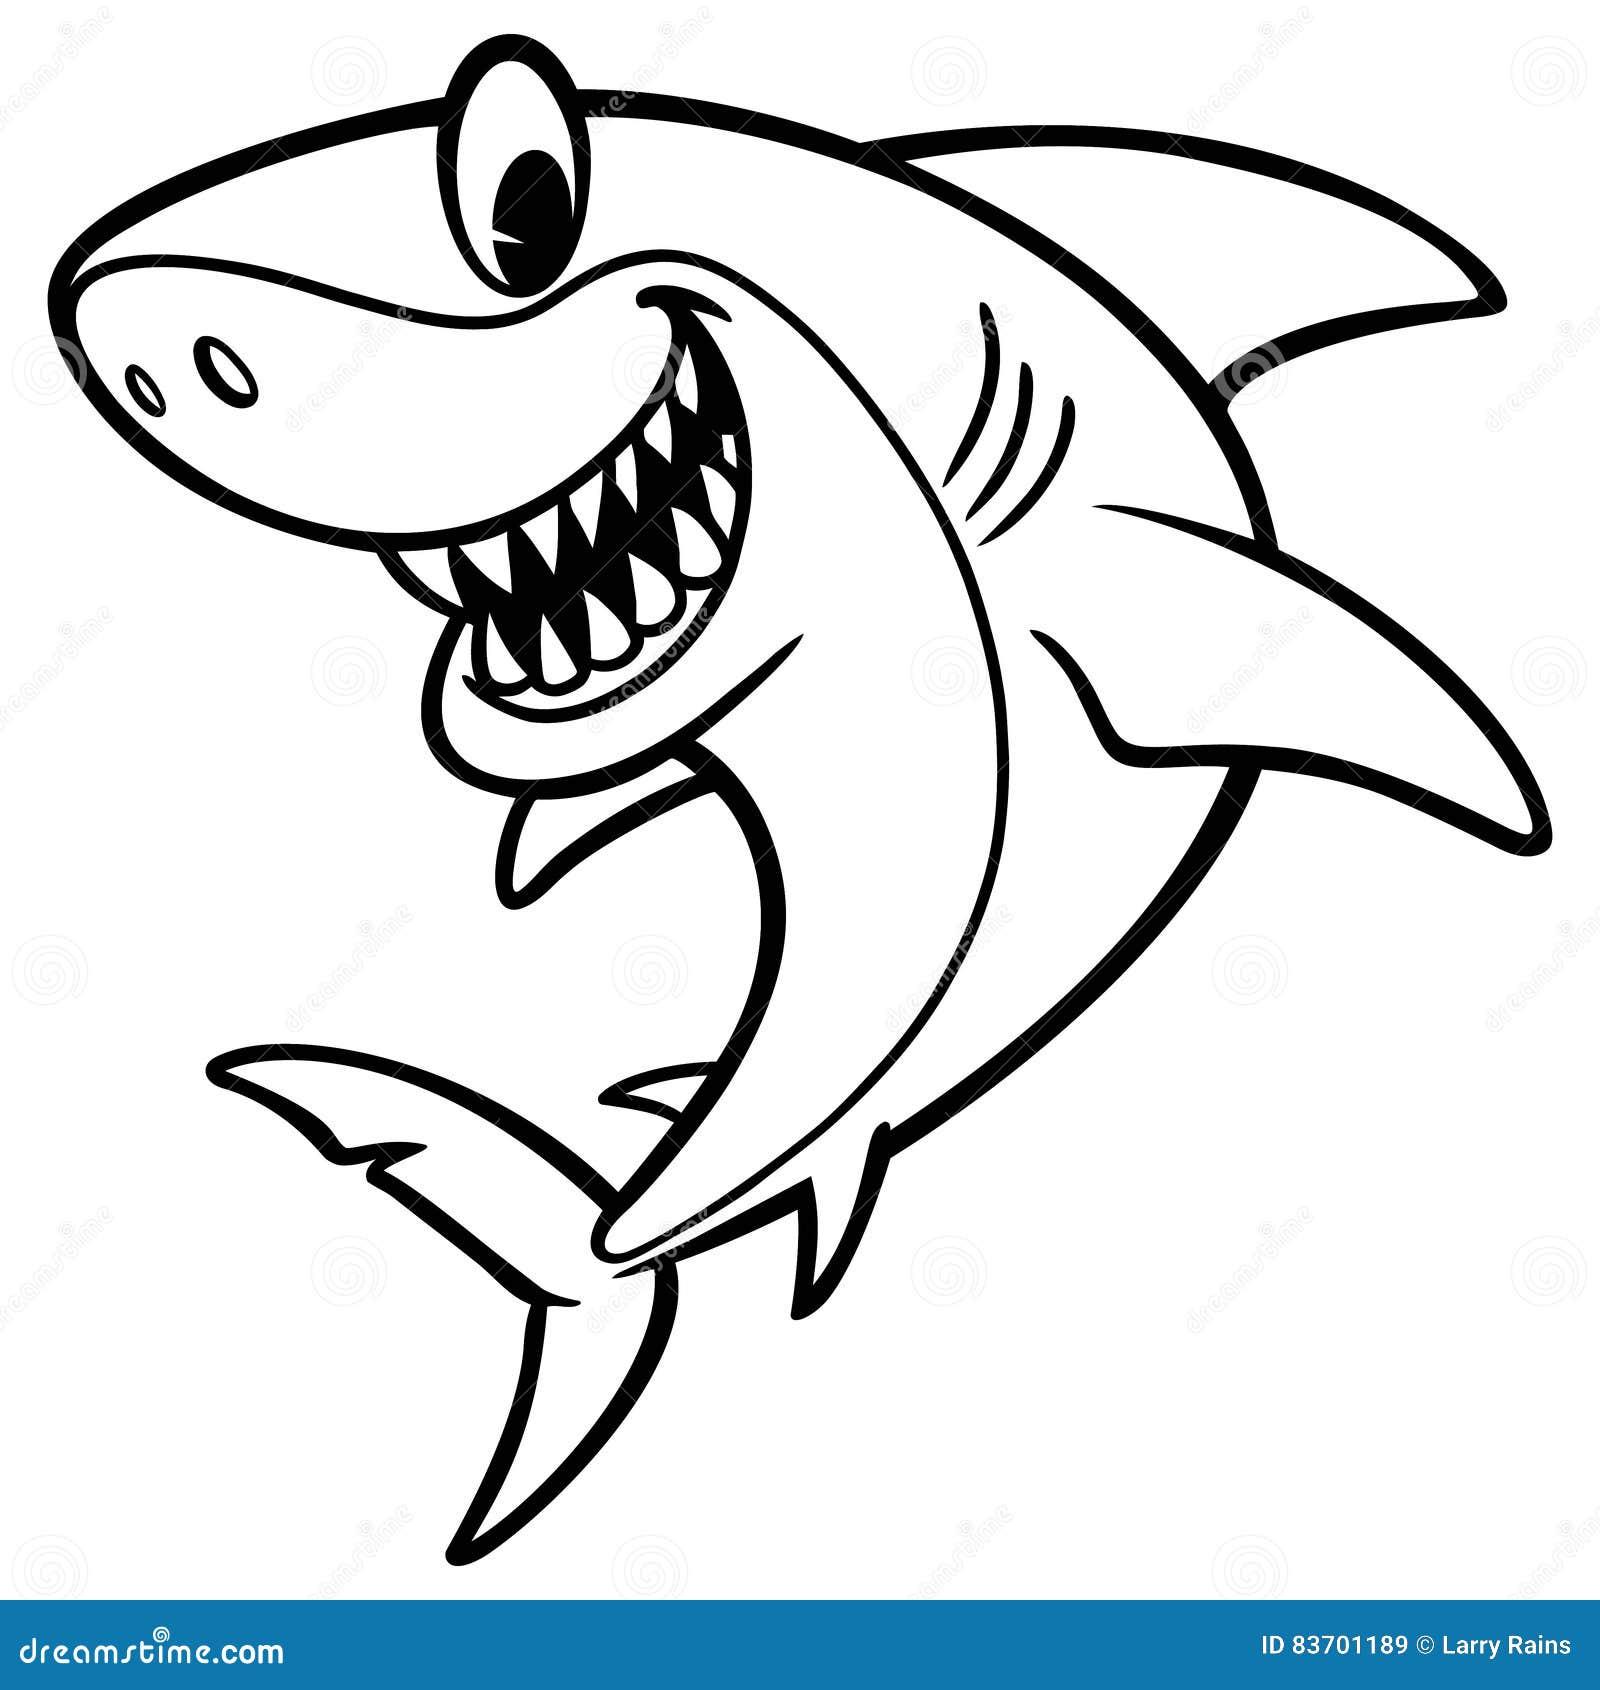 Shark Cartoon Drawing Stock Vector. Illustration Of